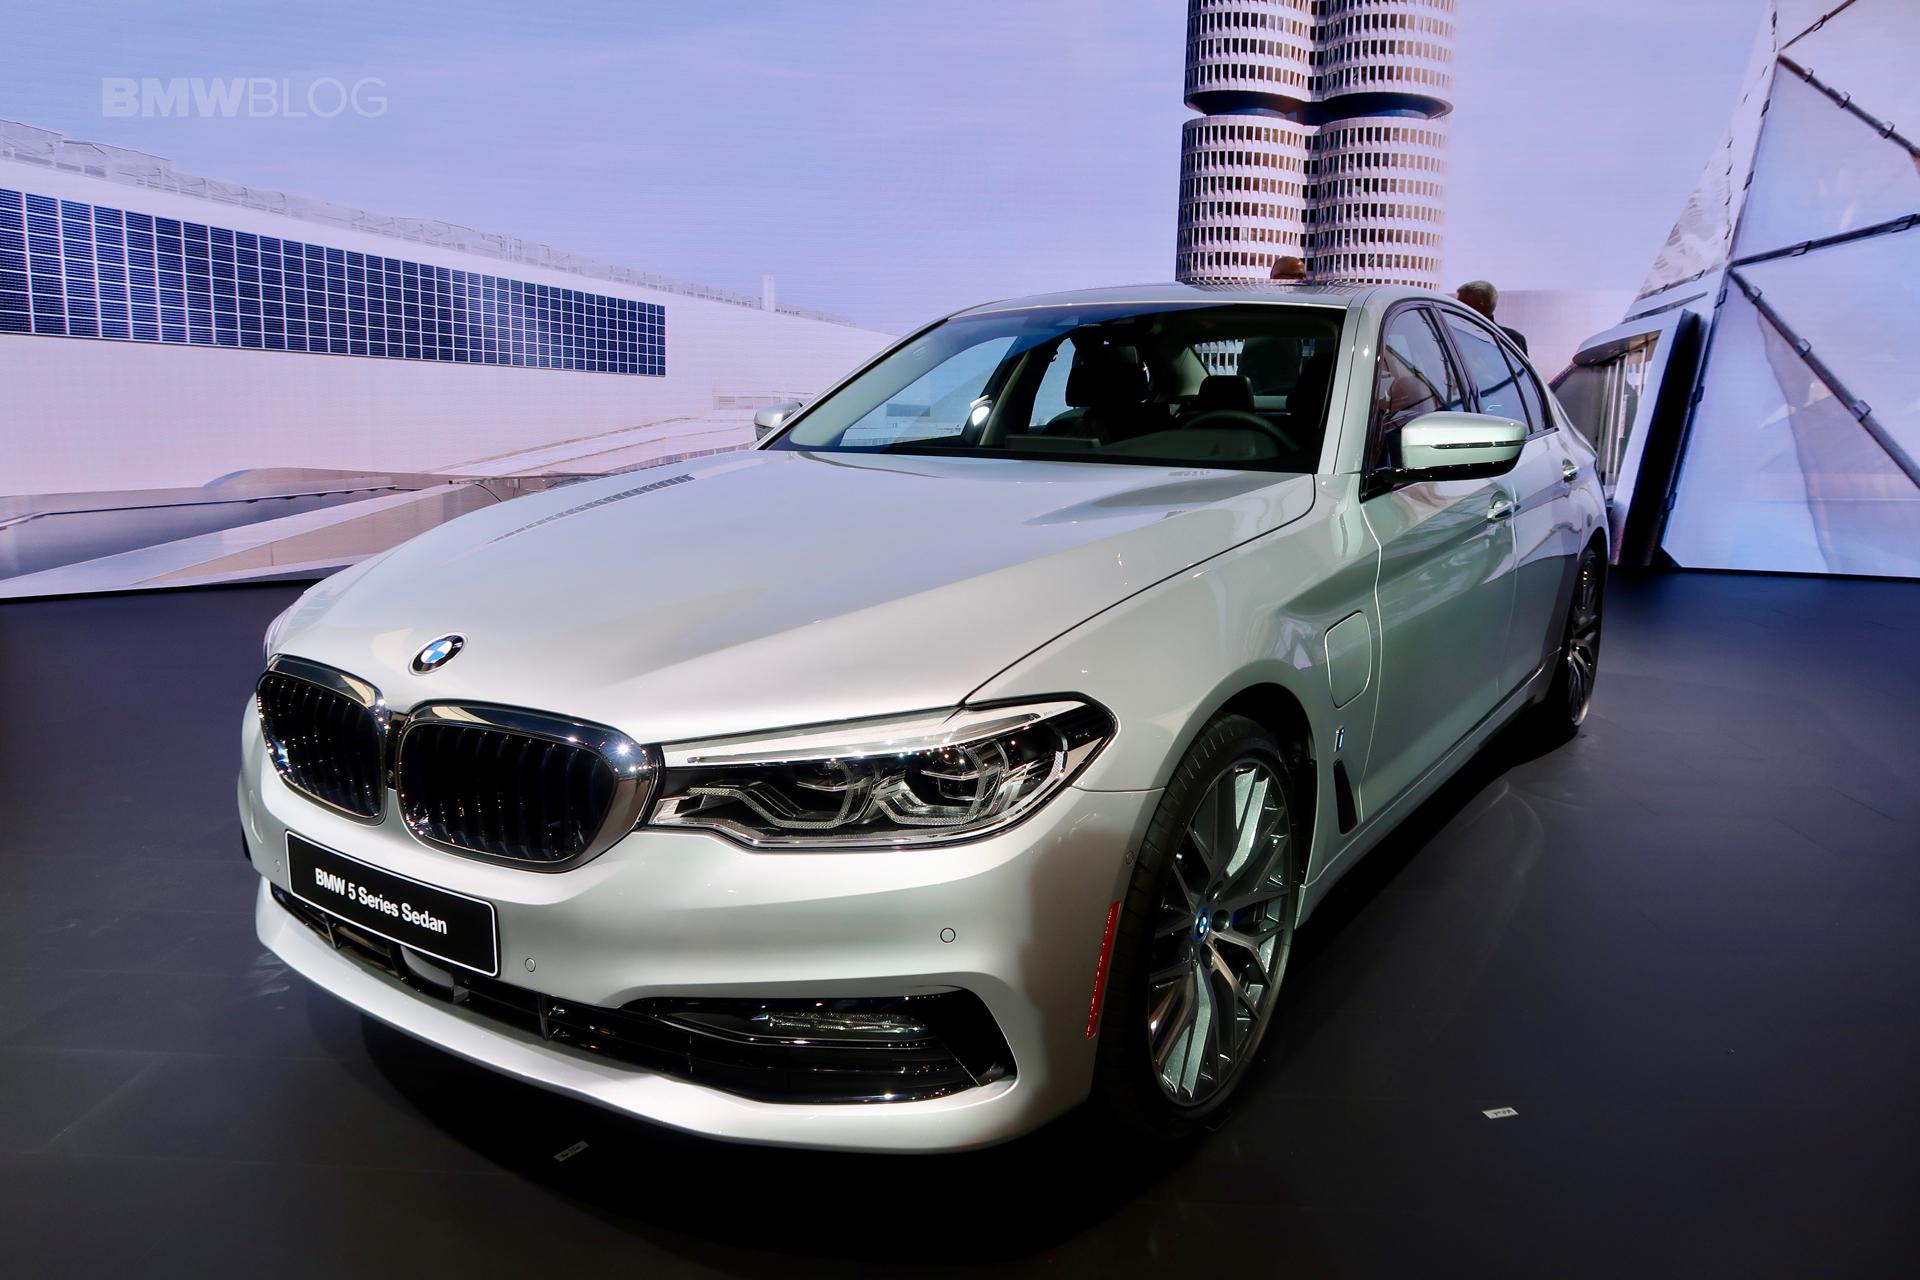 2017 BMW 530e Detroit Auto Show 05